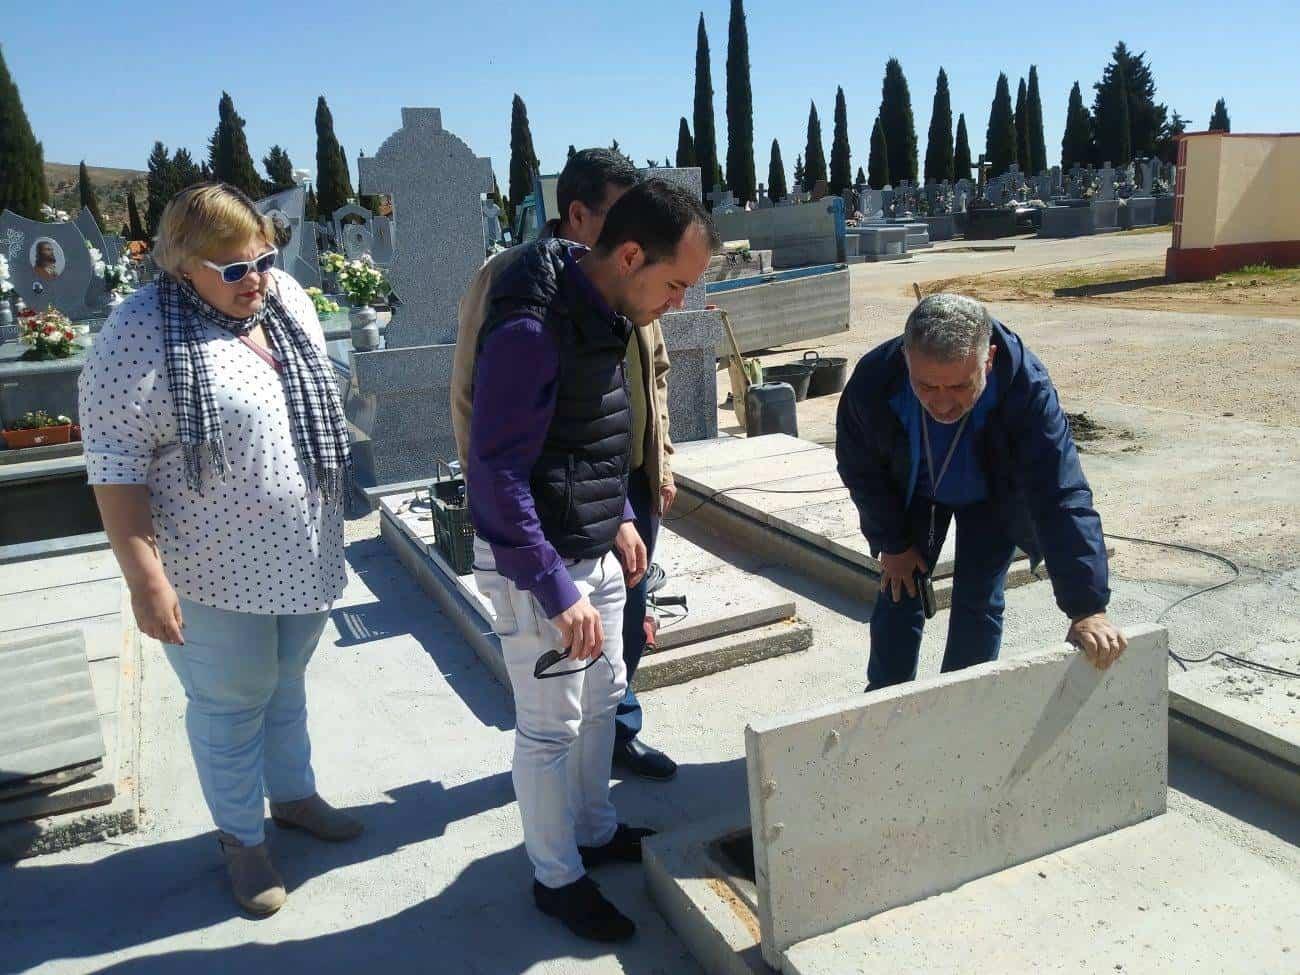 construccion nuevas fosas cementerio municipal herencia 3 - Cementerio municipal: nueva fase para la construcción de fosas